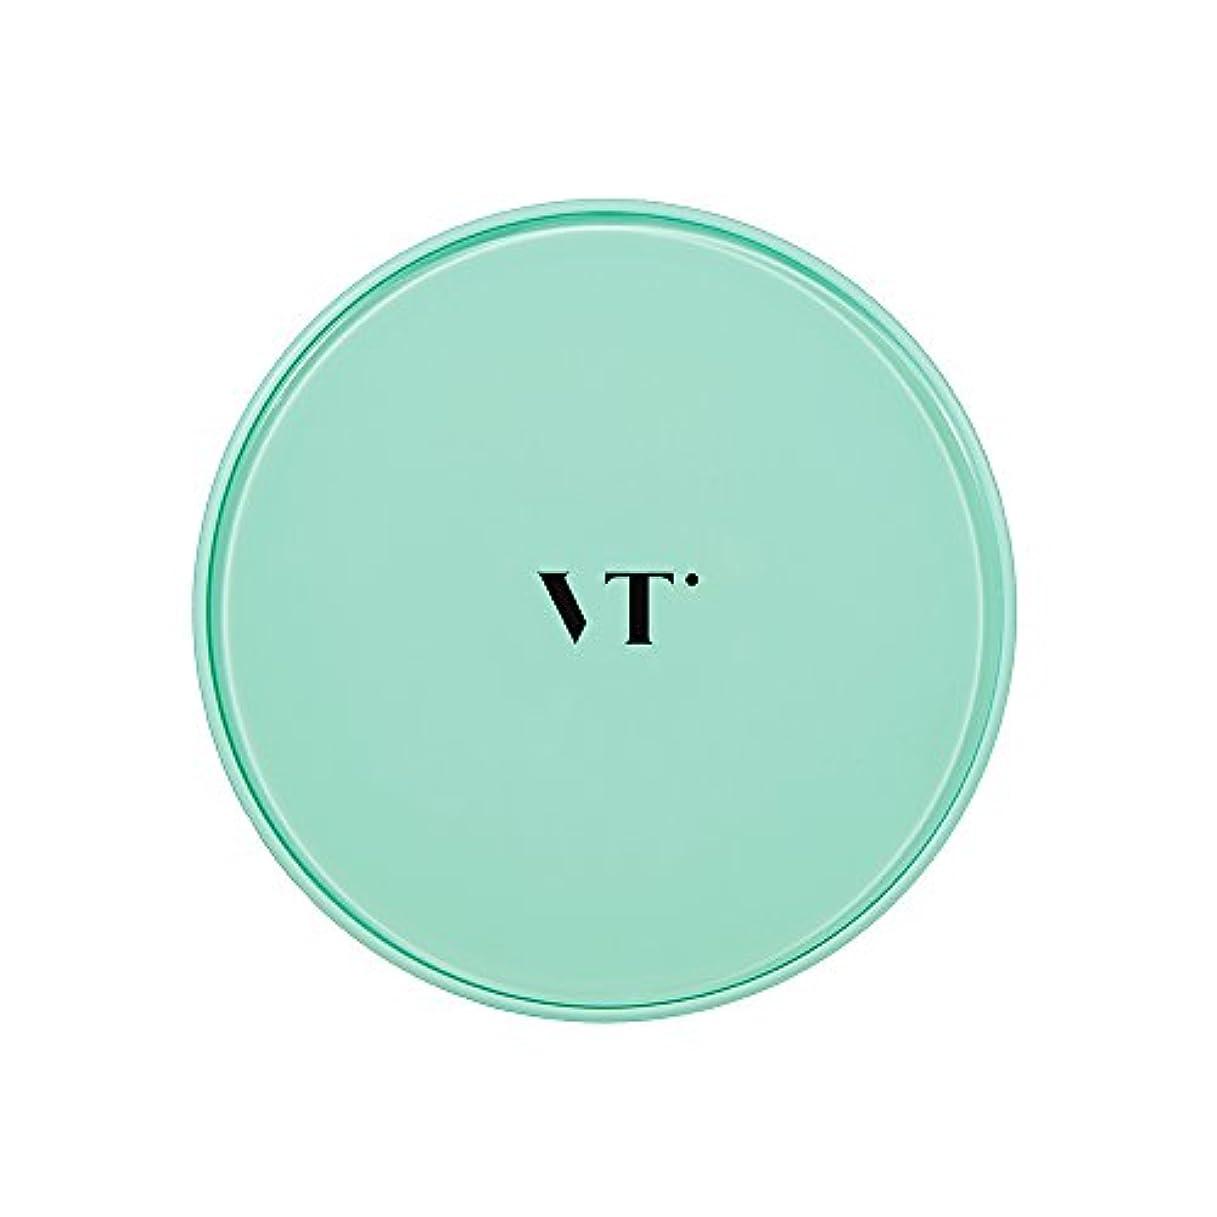 植物のオーナー欠乏VT フィト立ったクッション SPF50+ PA++++ 11g/VT Phyto Sun Cushion [並行輸入品]